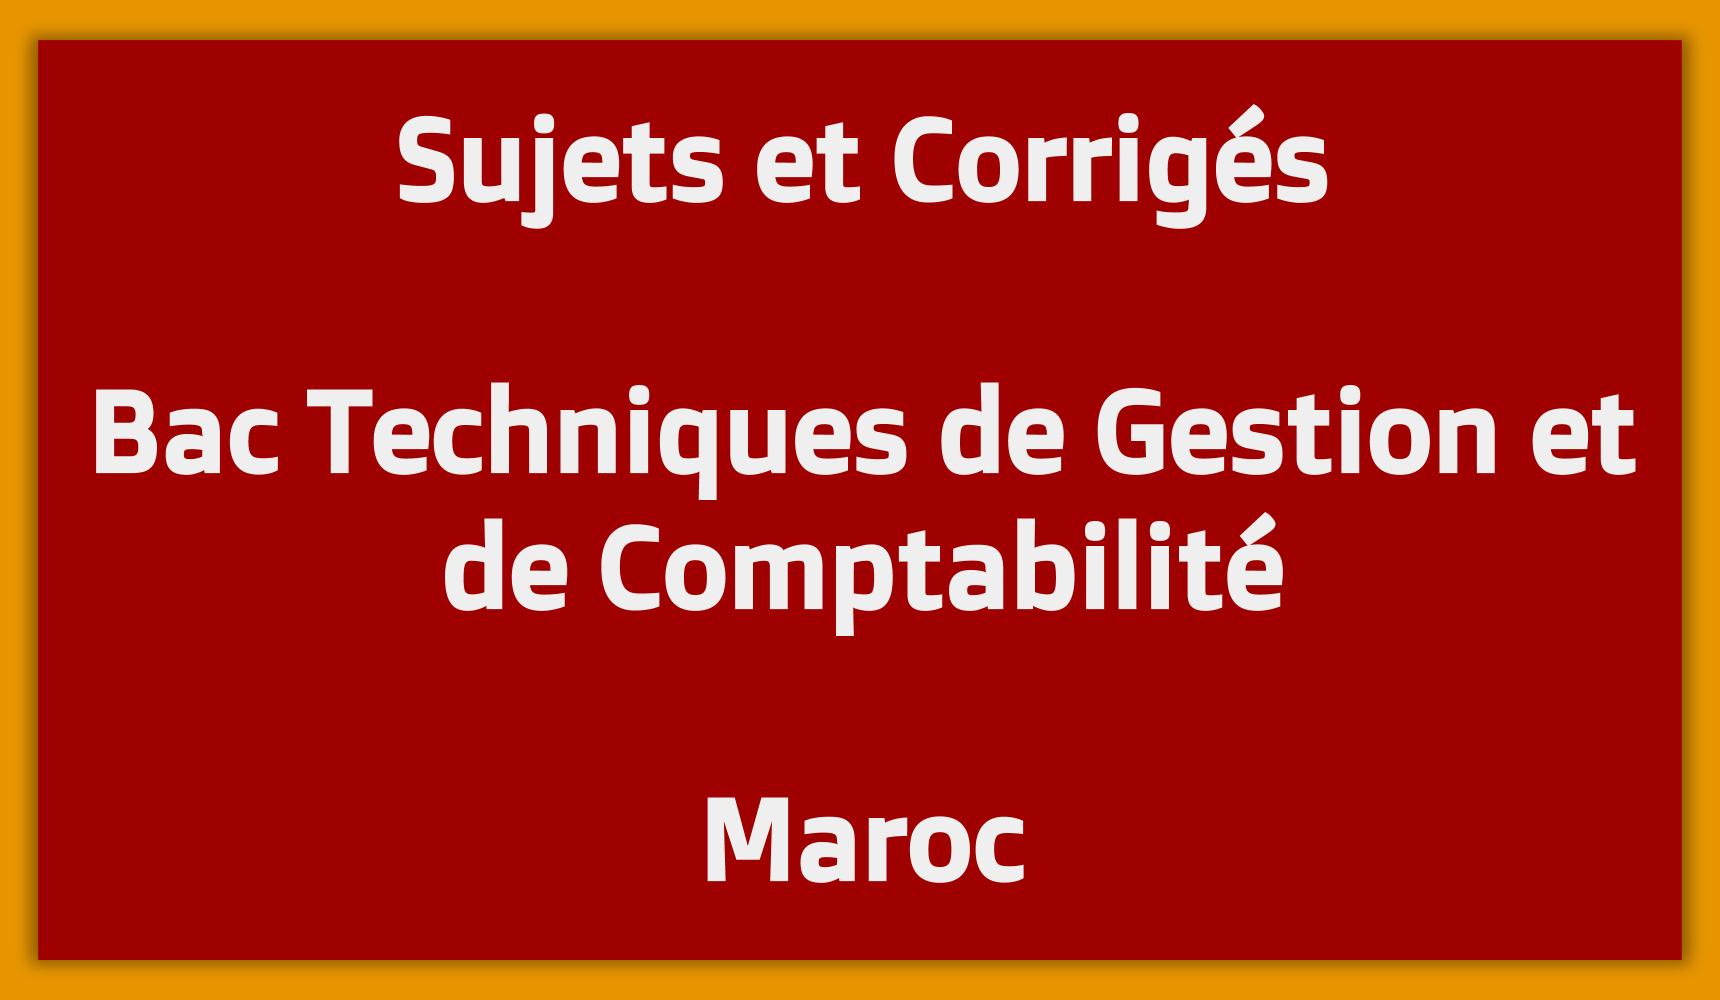 Sujets Corrigés Bac Techniques de Gestion et de Comptabilité Maroc